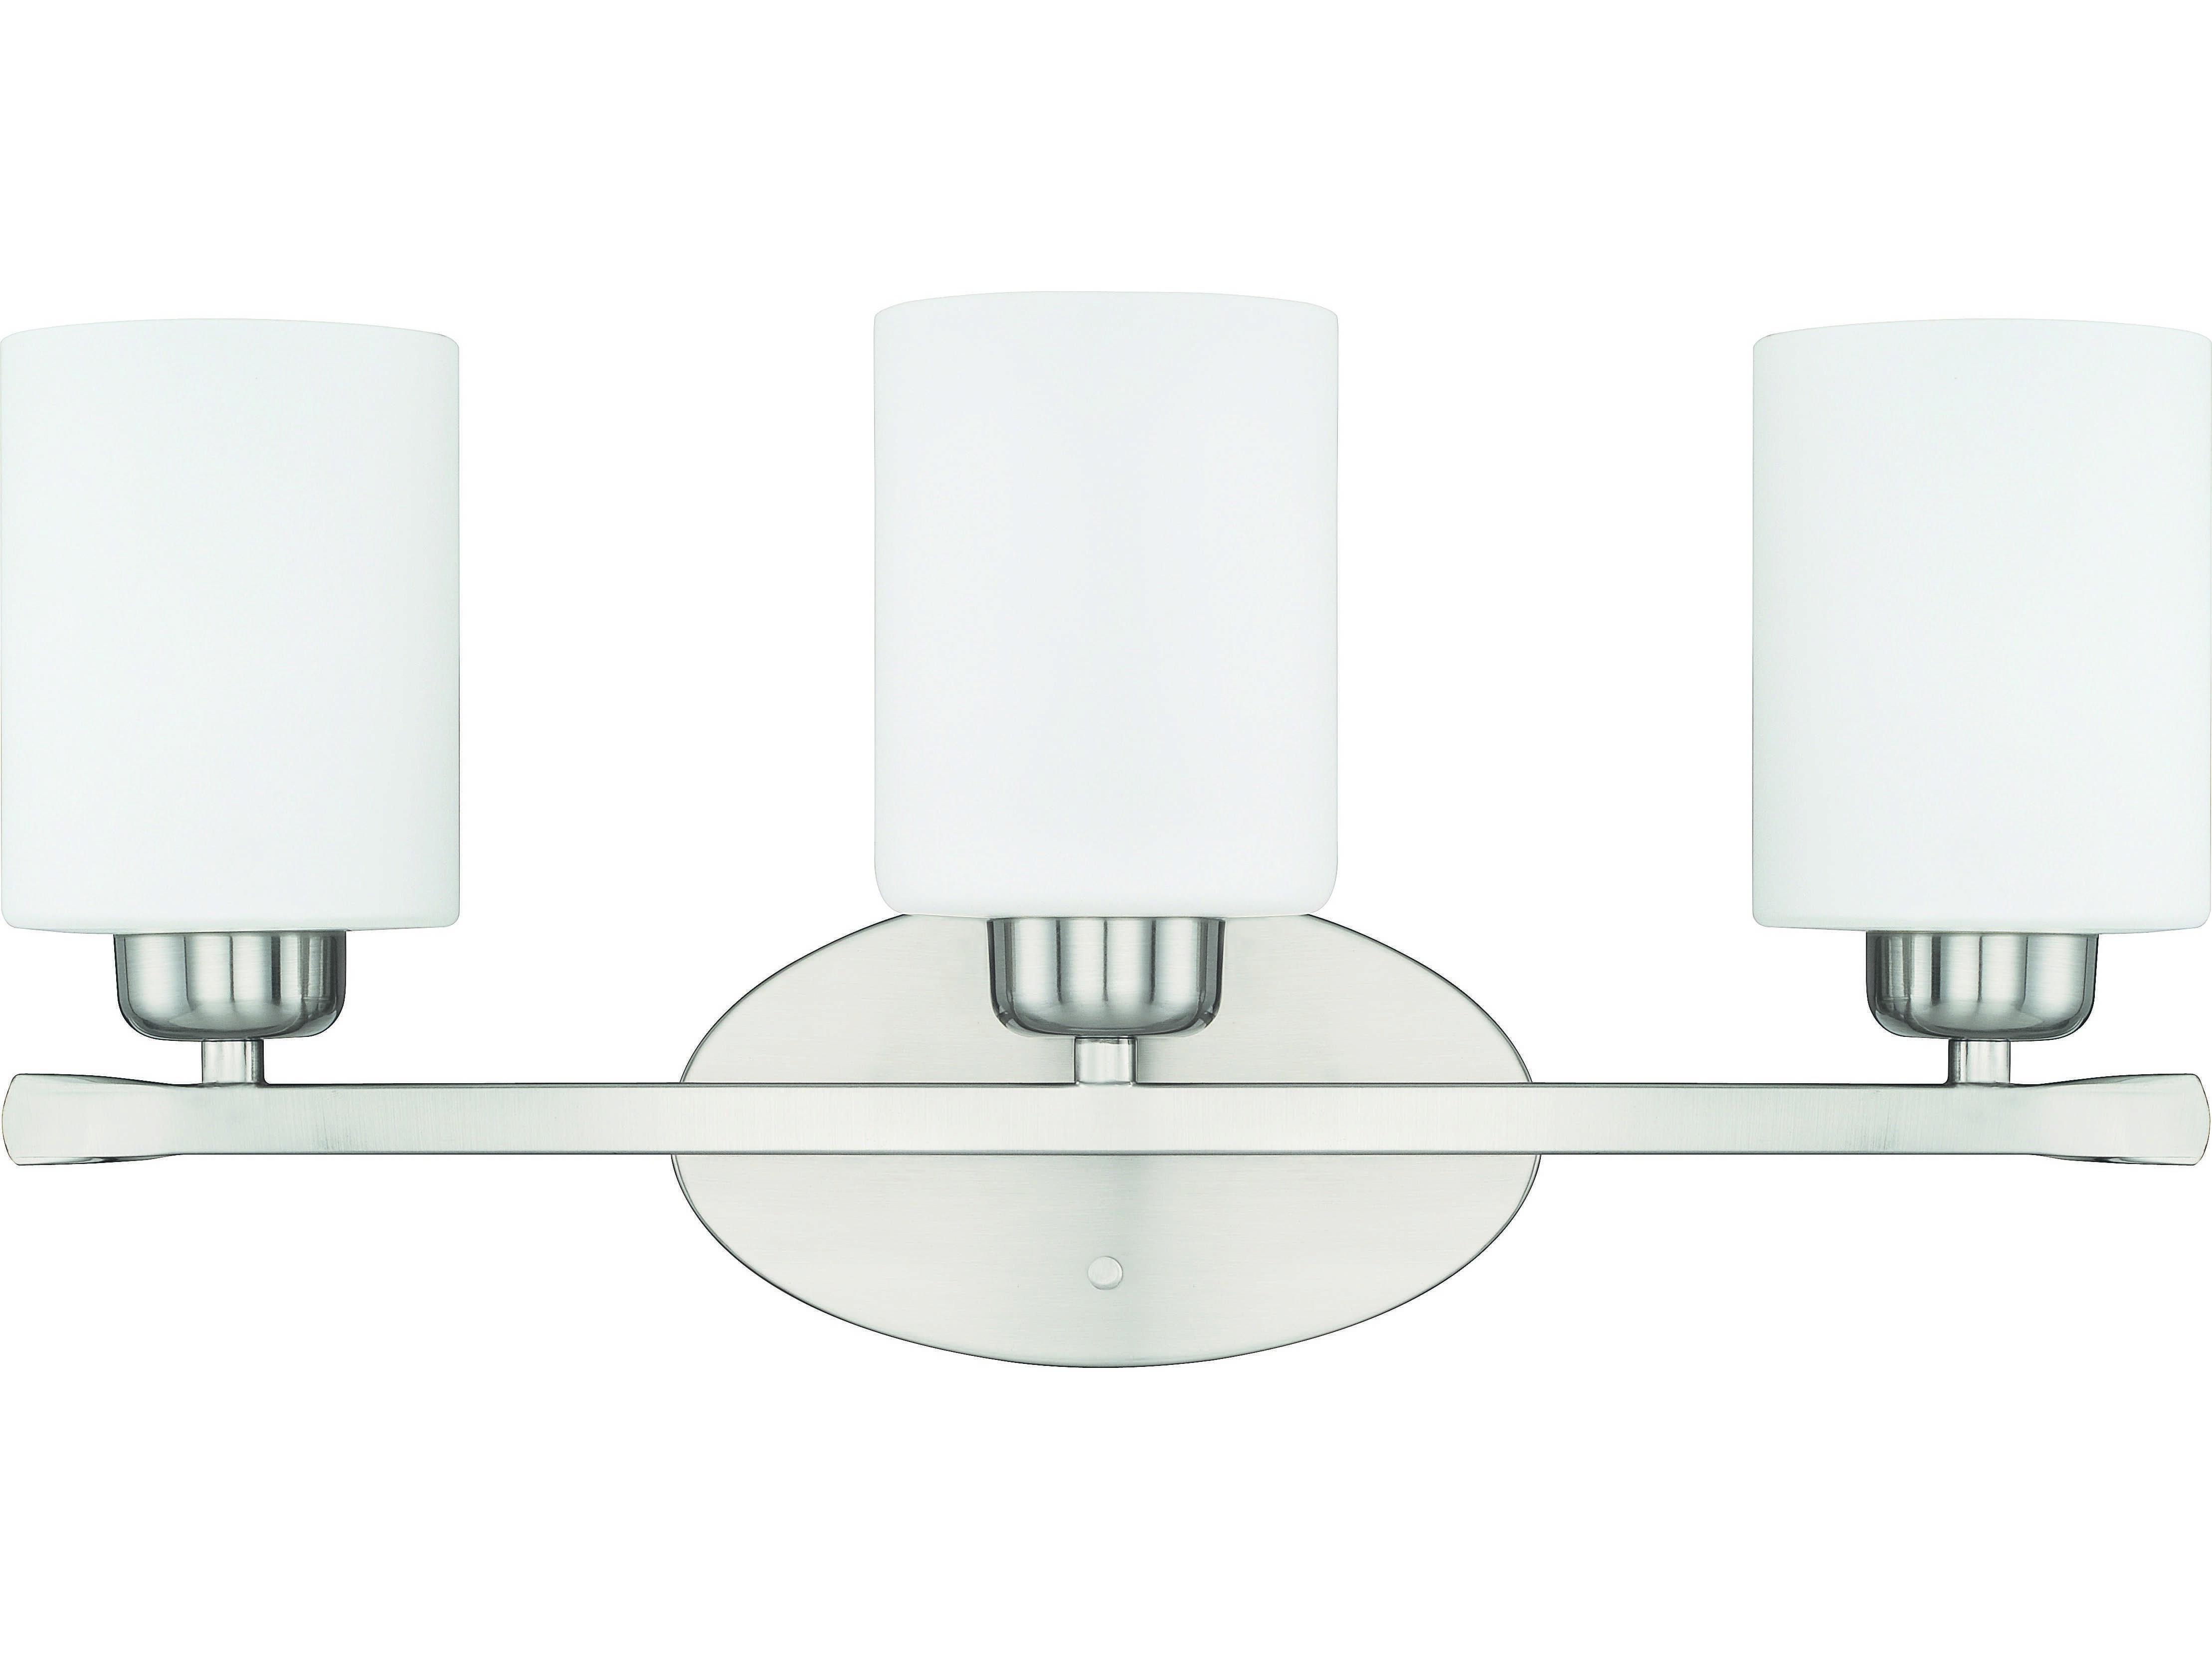 Capital Lighting 4 Light Vanity Fixture Brushed Nickel: Capital Lighting HomePlace Lighting Dixon Brushed Nickel